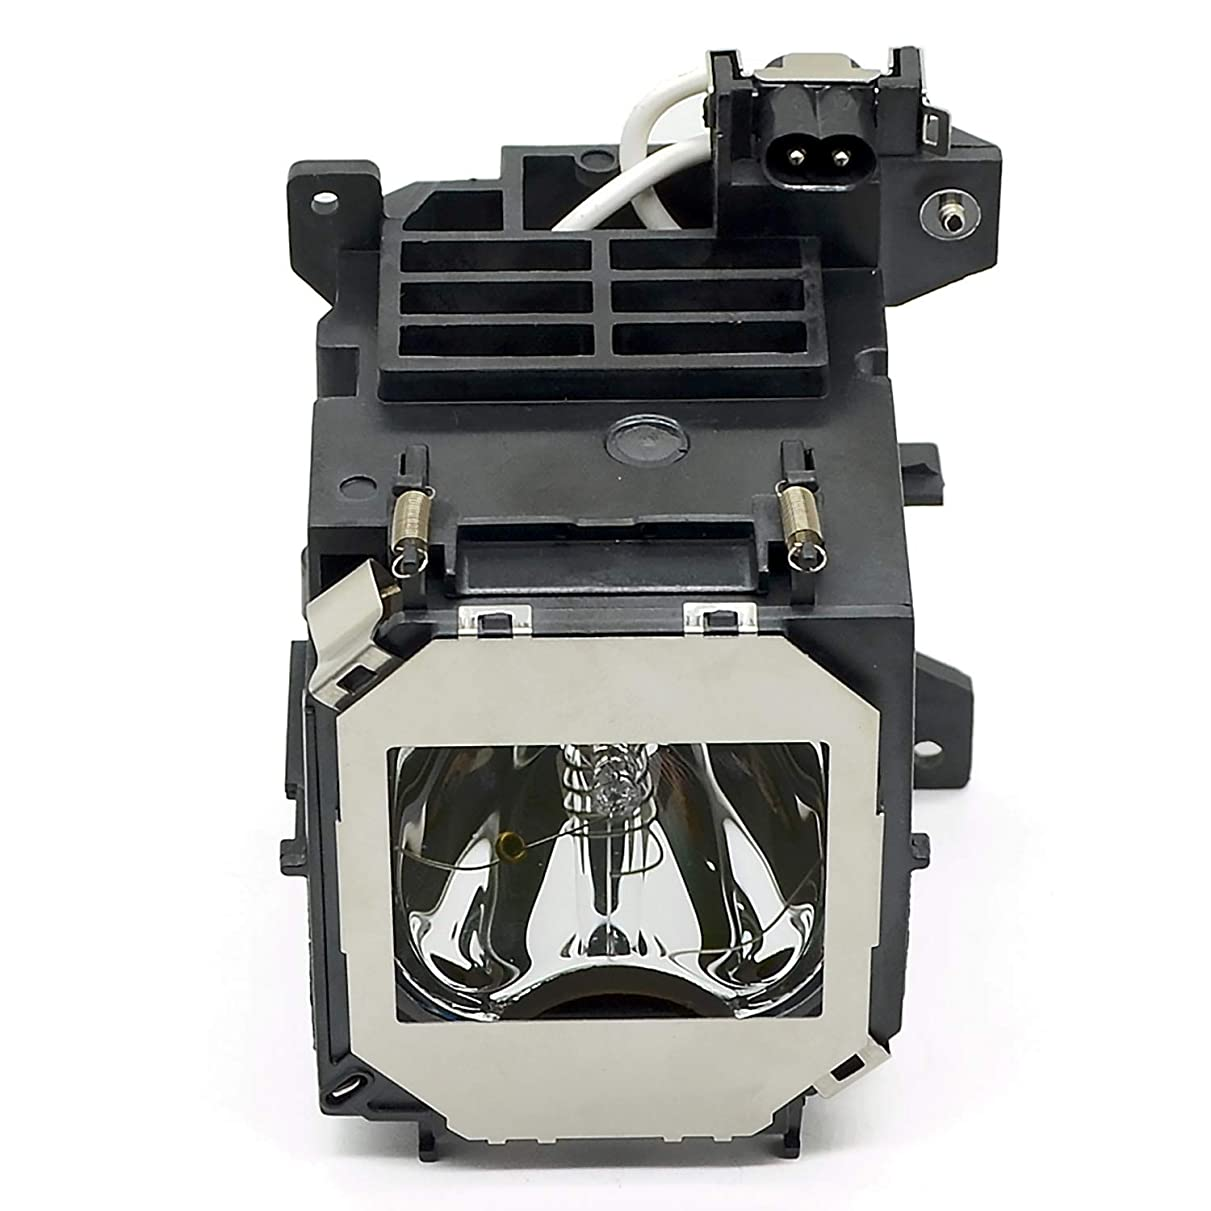 タイプロマンス選出するAllamp プロジェクター交換用ランプ ELPLP28 エプソン EPSON EMP-TW200 EMP-TW200H EMP-TW500 対応【高品質/180日保証】